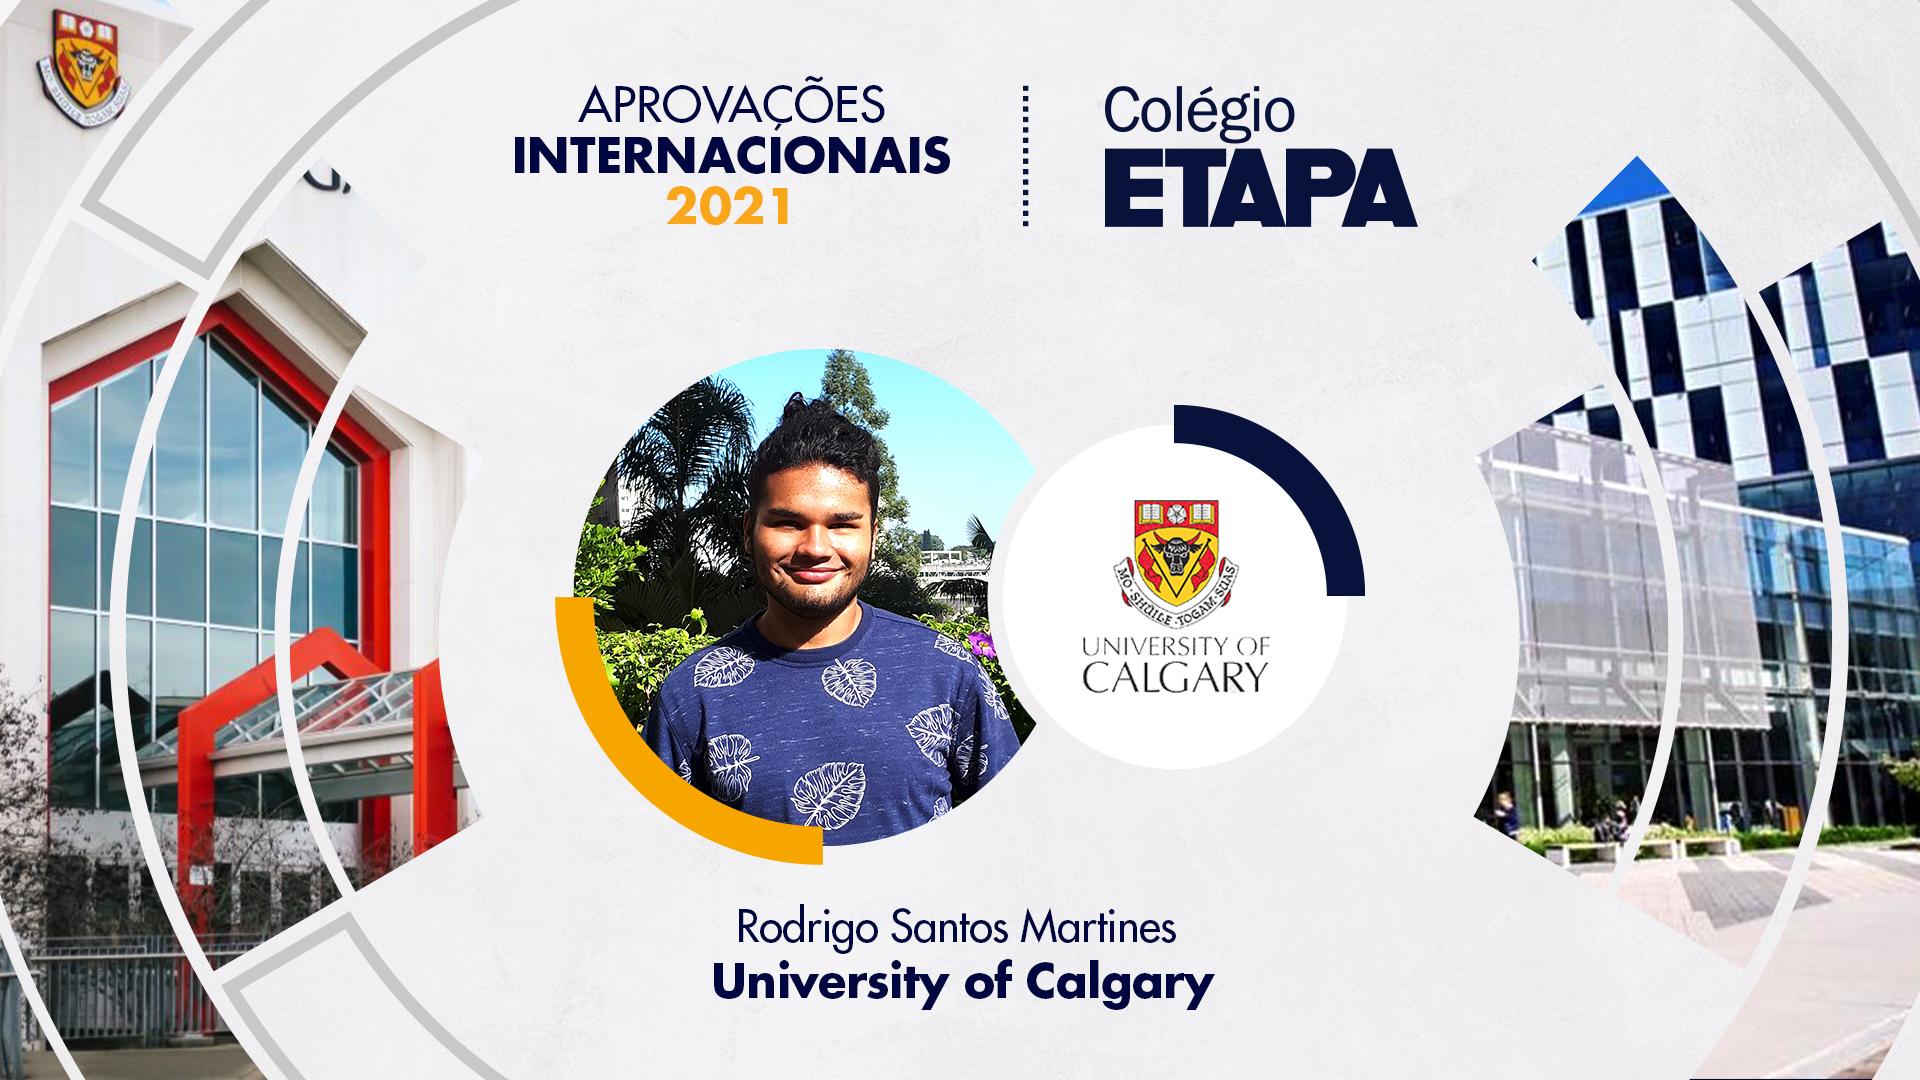 Aprovações Internacionais 2021: Rodrigo Santos Martines